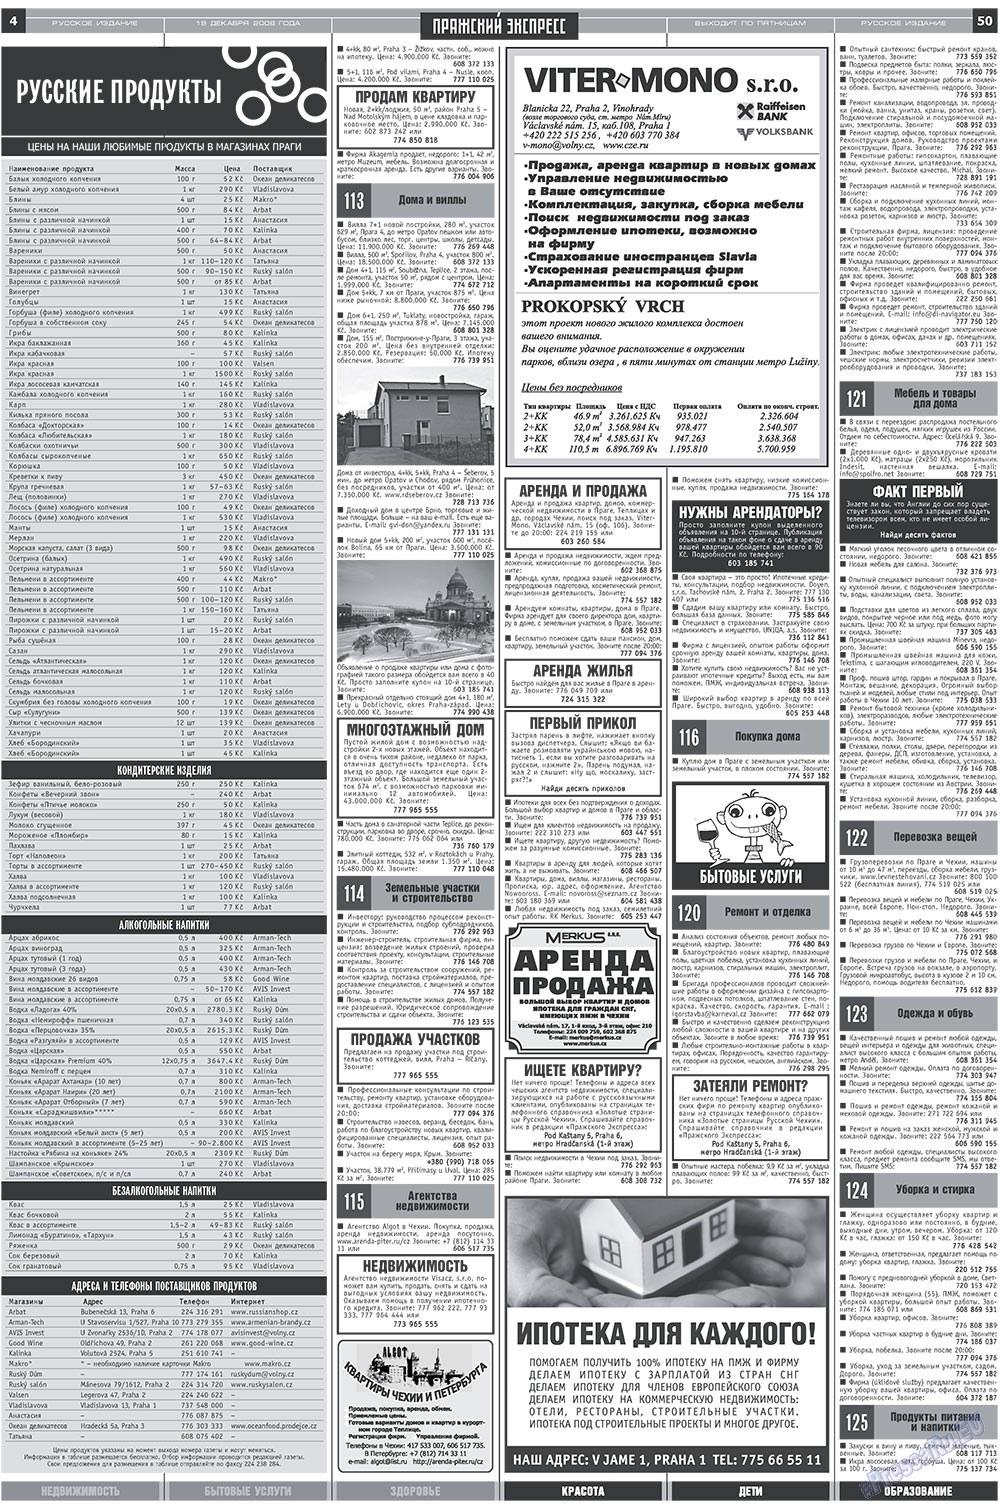 Пражский экспресс (газета). 2008 год, номер 50, стр. 4